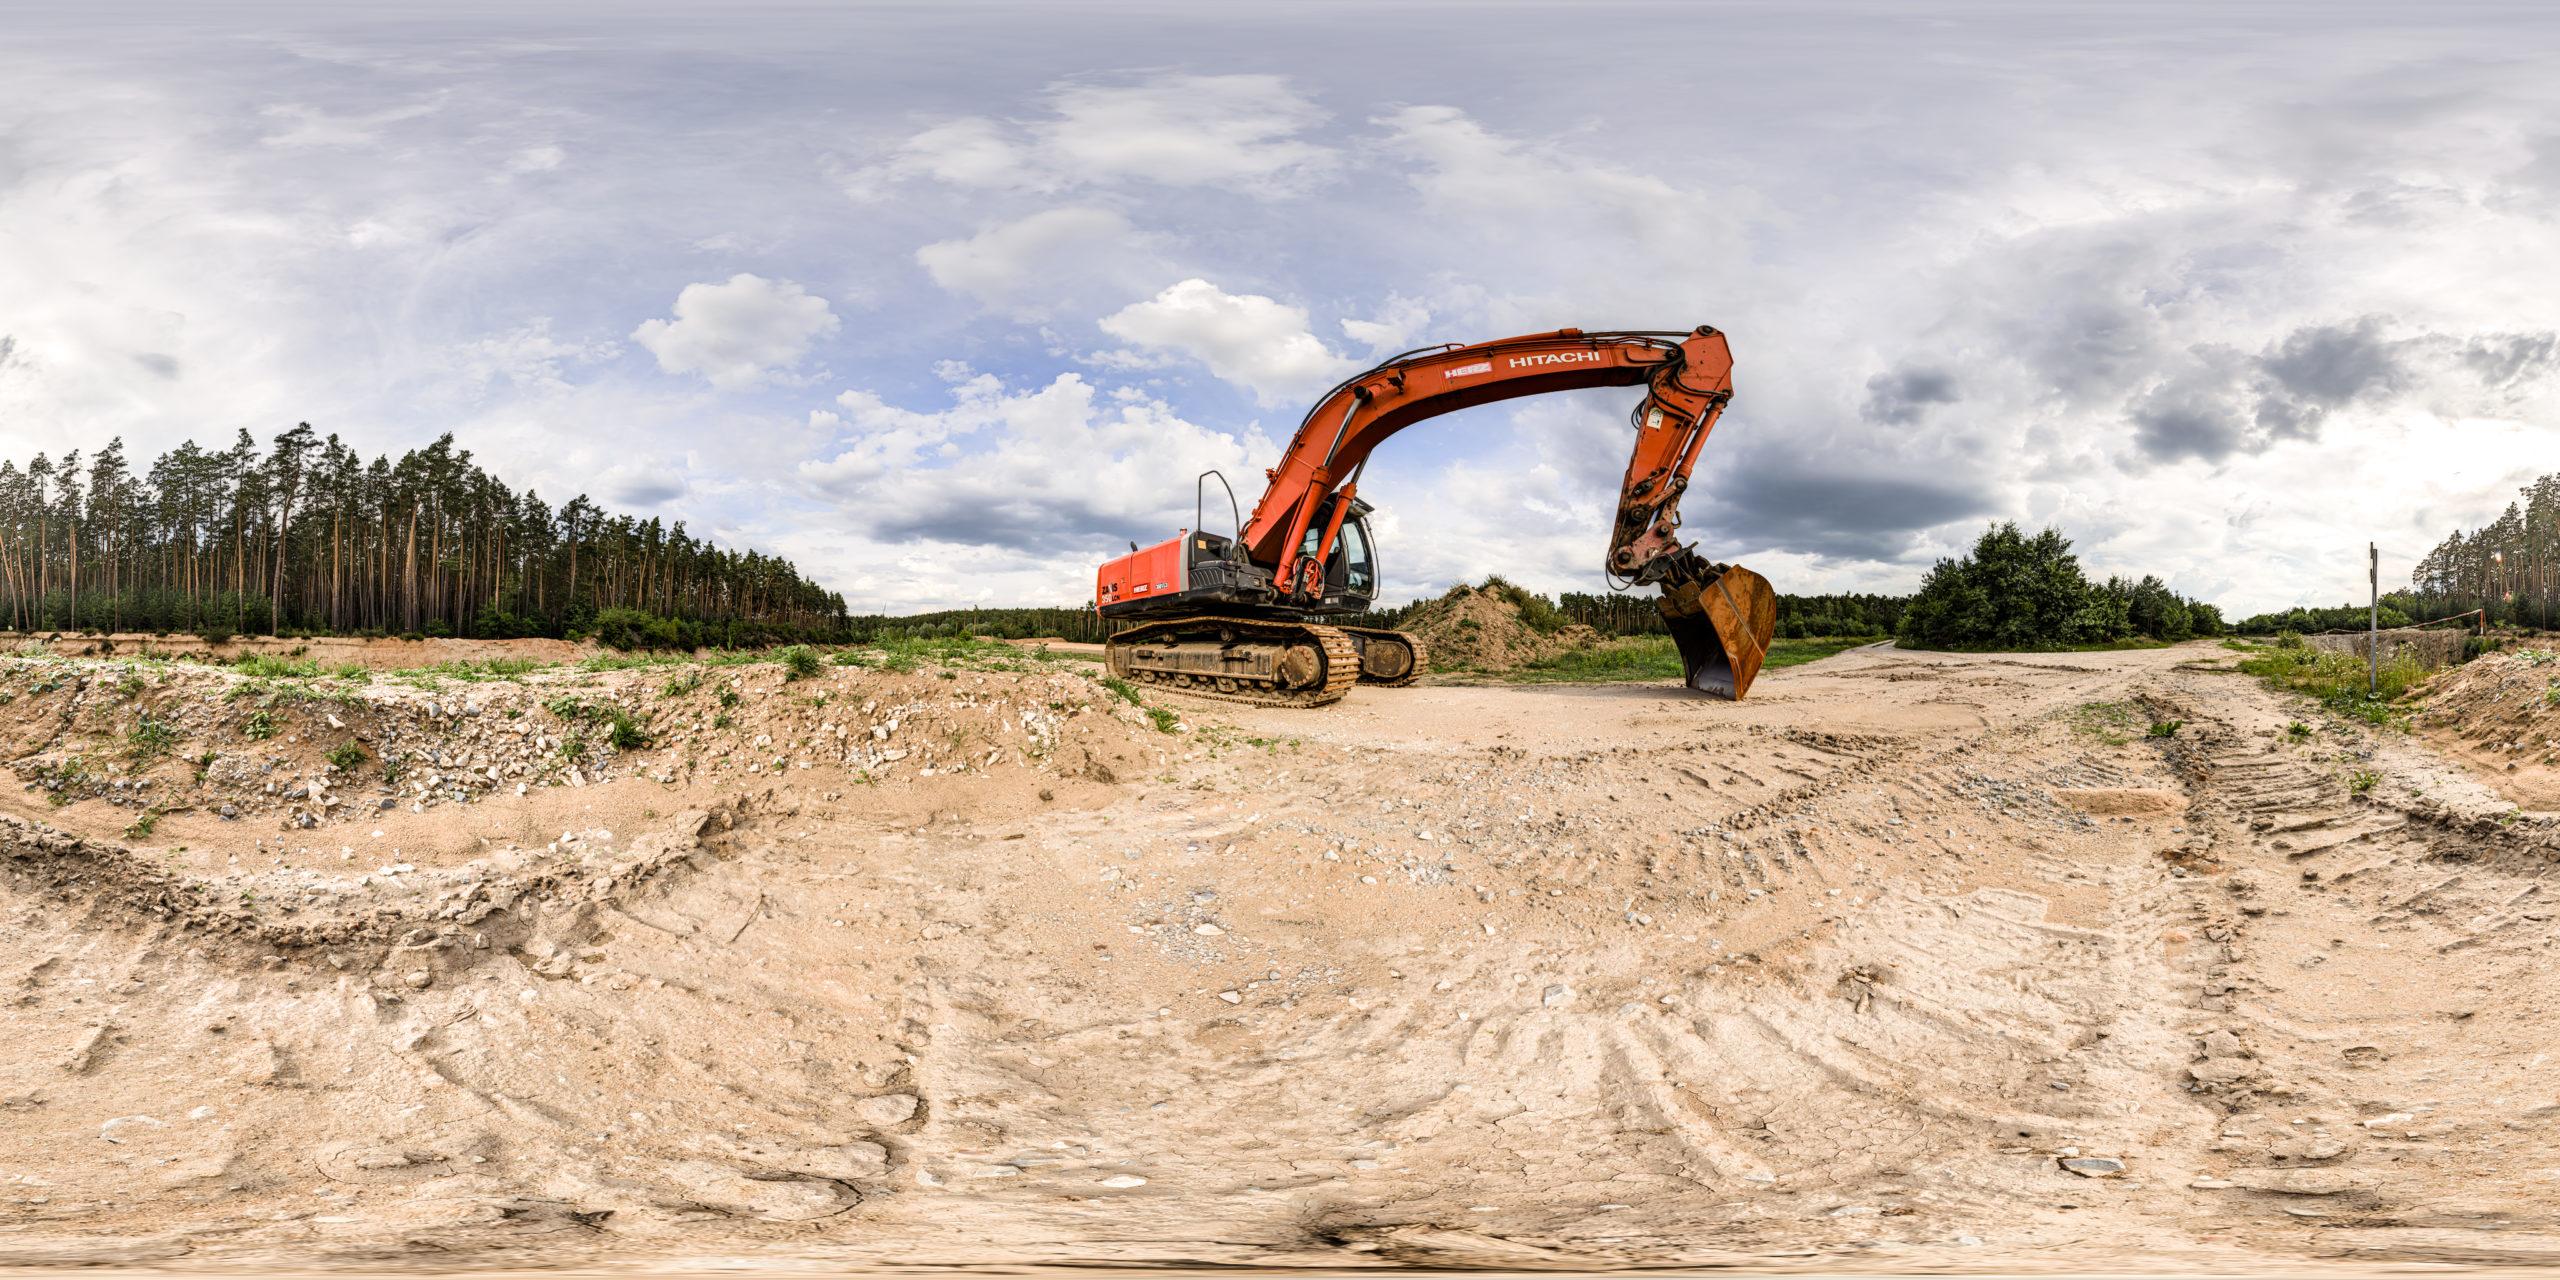 HDRI-Skies-Sand-Pit-Excavator-Roth